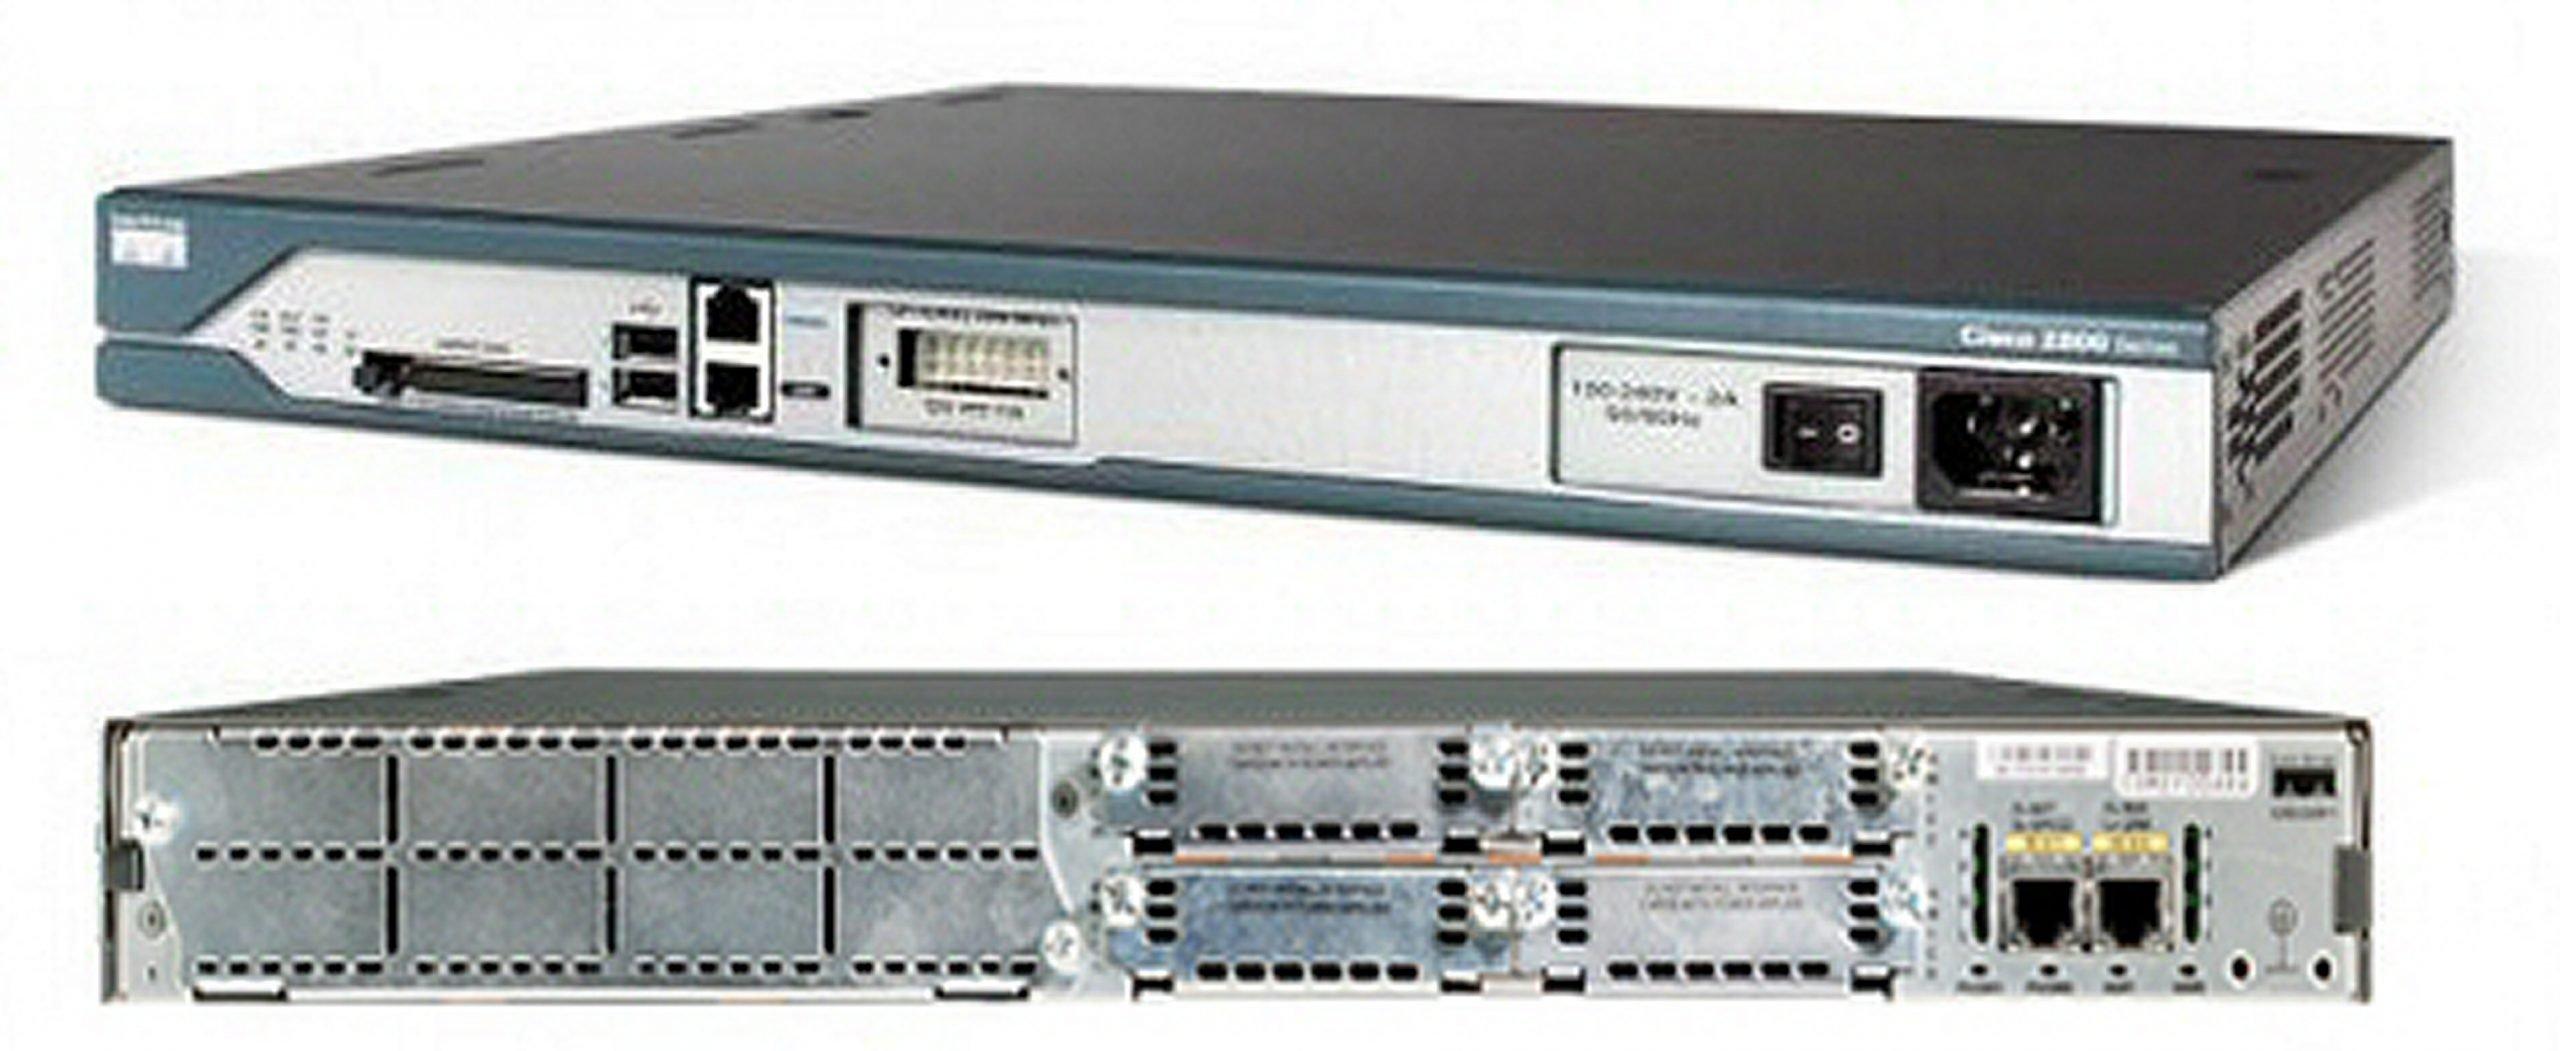 روتر سیسکو – CISCO Router 2811 - از محصولات فروشگاه اینترنتی دکتر سیسکو